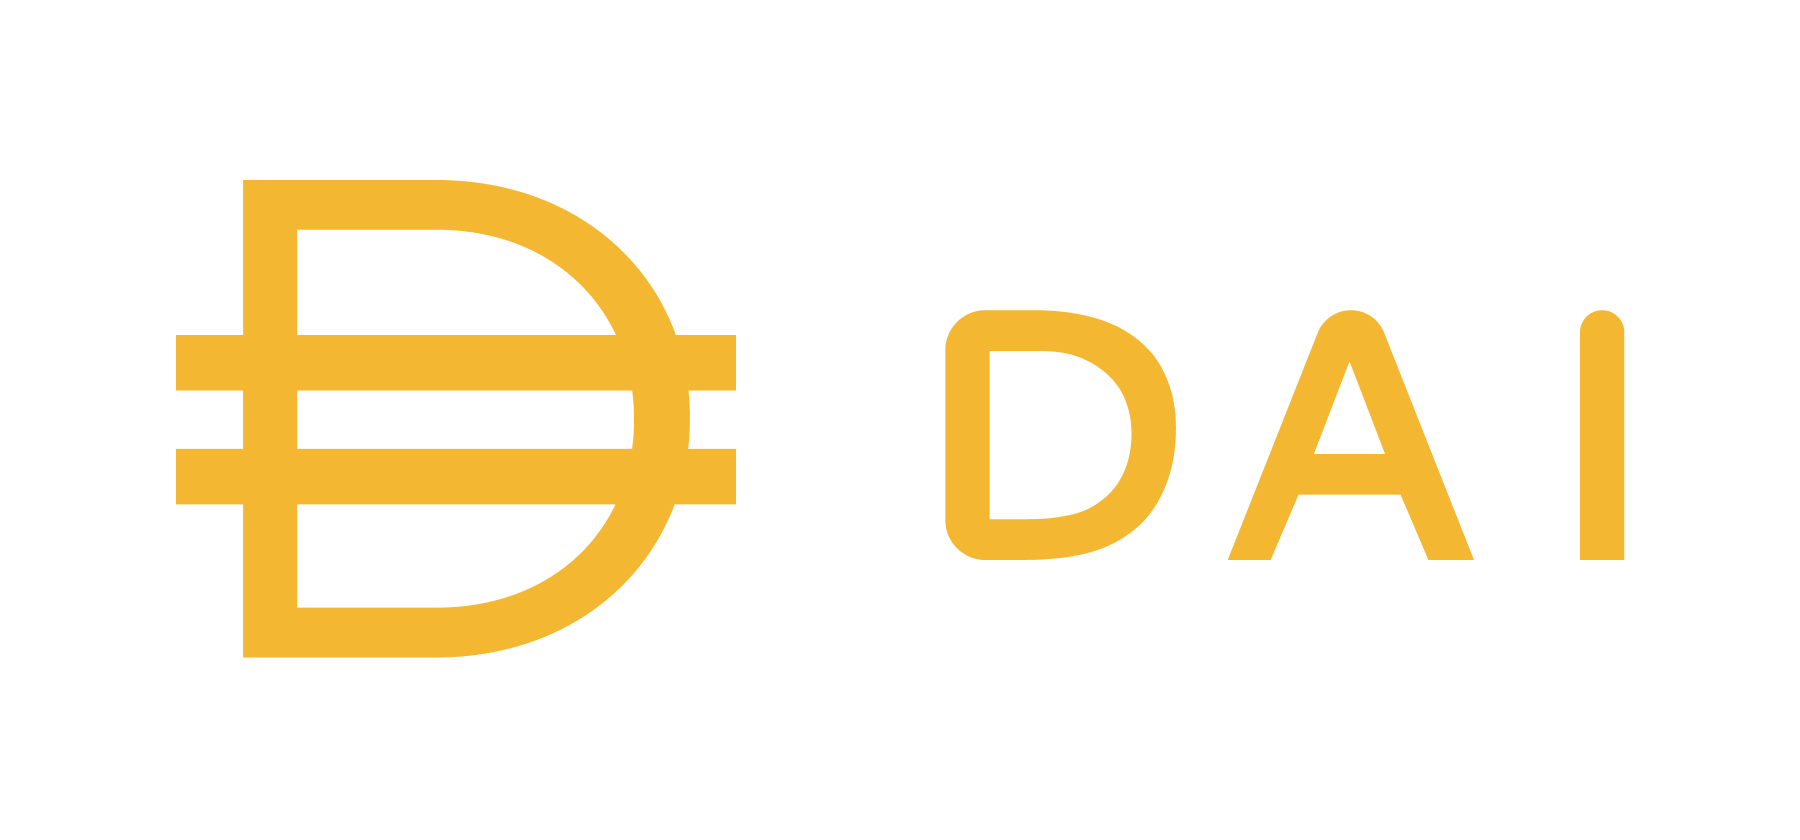 Dai (criptomoneda) - Wikipedia, la enciclopedia libre